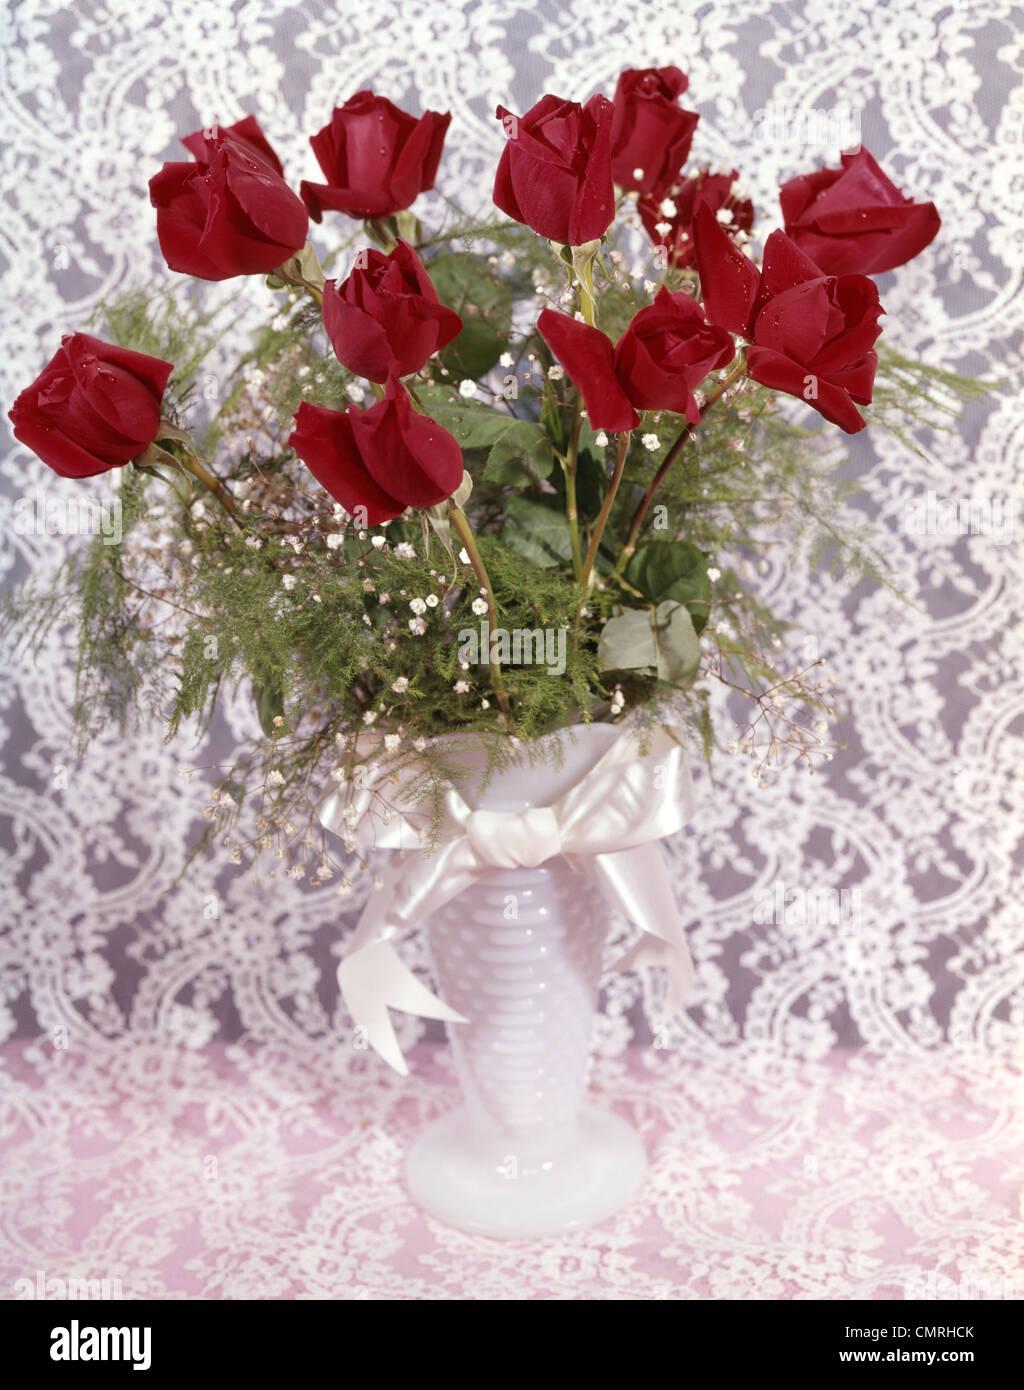 Anni sessanta anni settanta ancora vita bouquet di rose rosse bimbo di respiro nel vaso BIANCO SU BIANCO LACE Immagini Stock